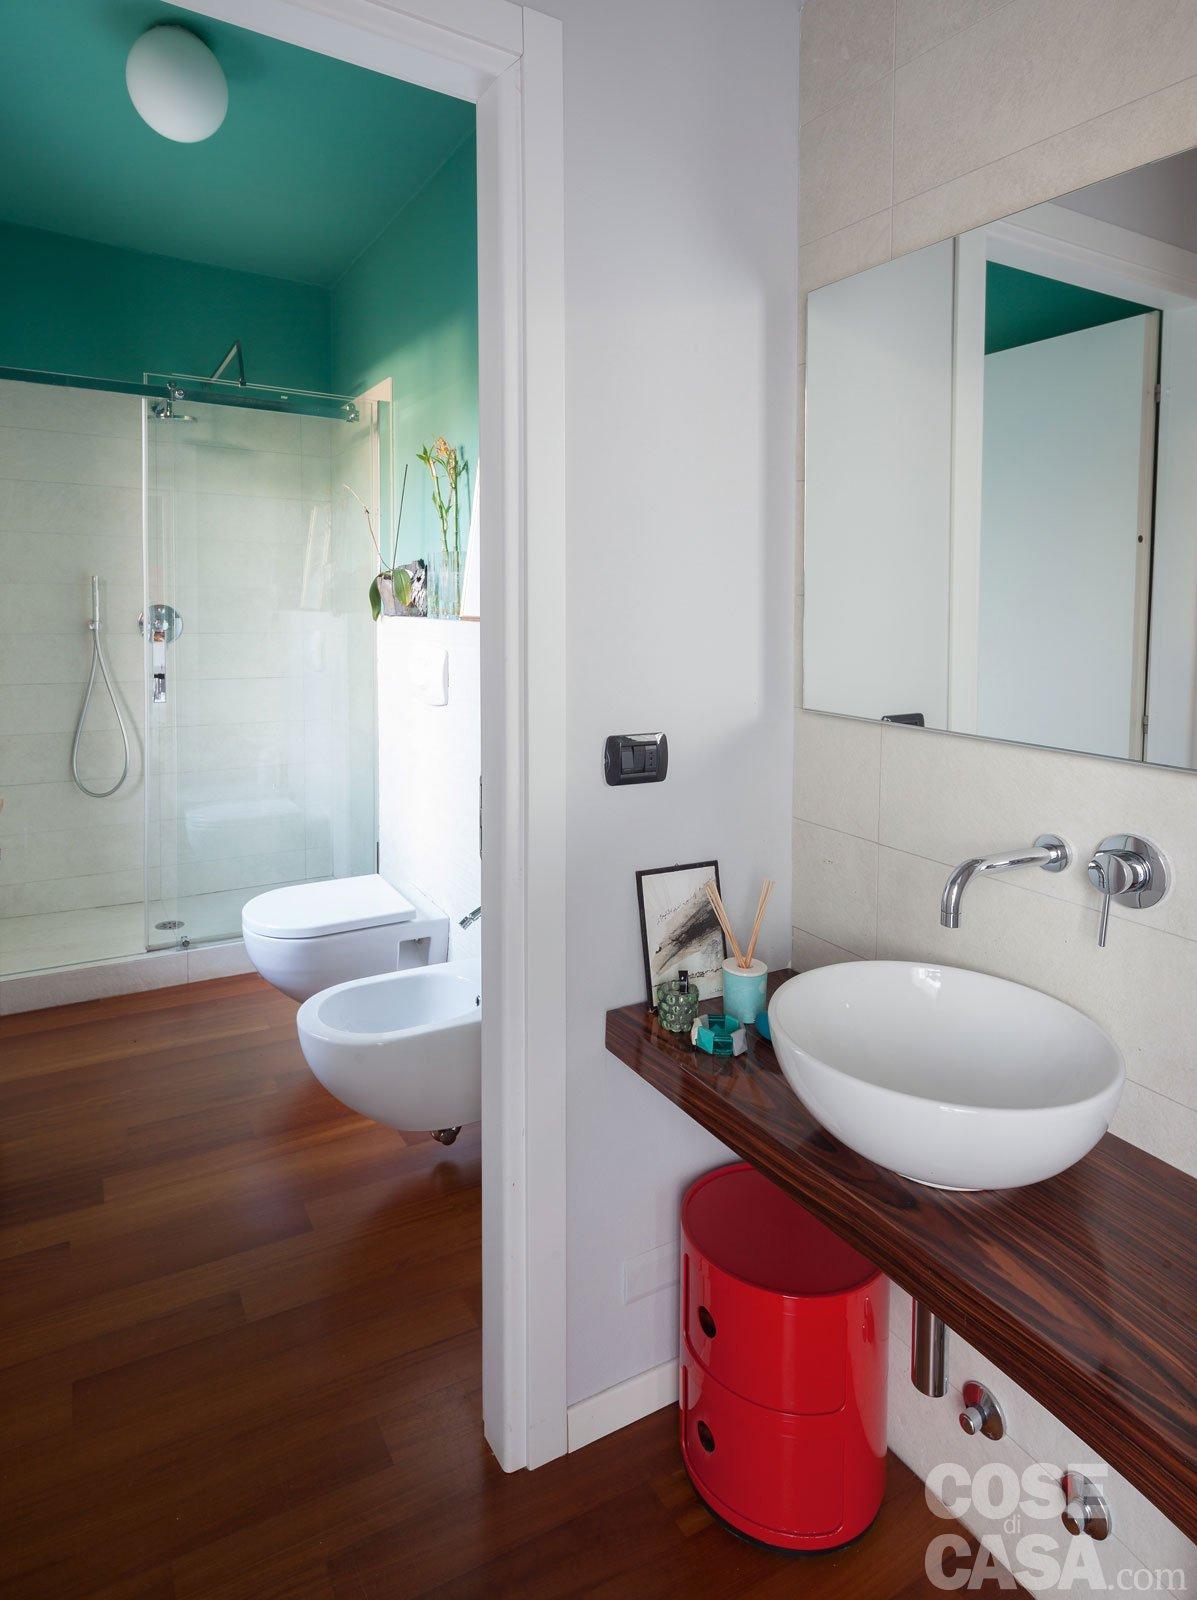 Una casa che punta sui contrasti e sul design cose di casa - Bagno e antibagno ...